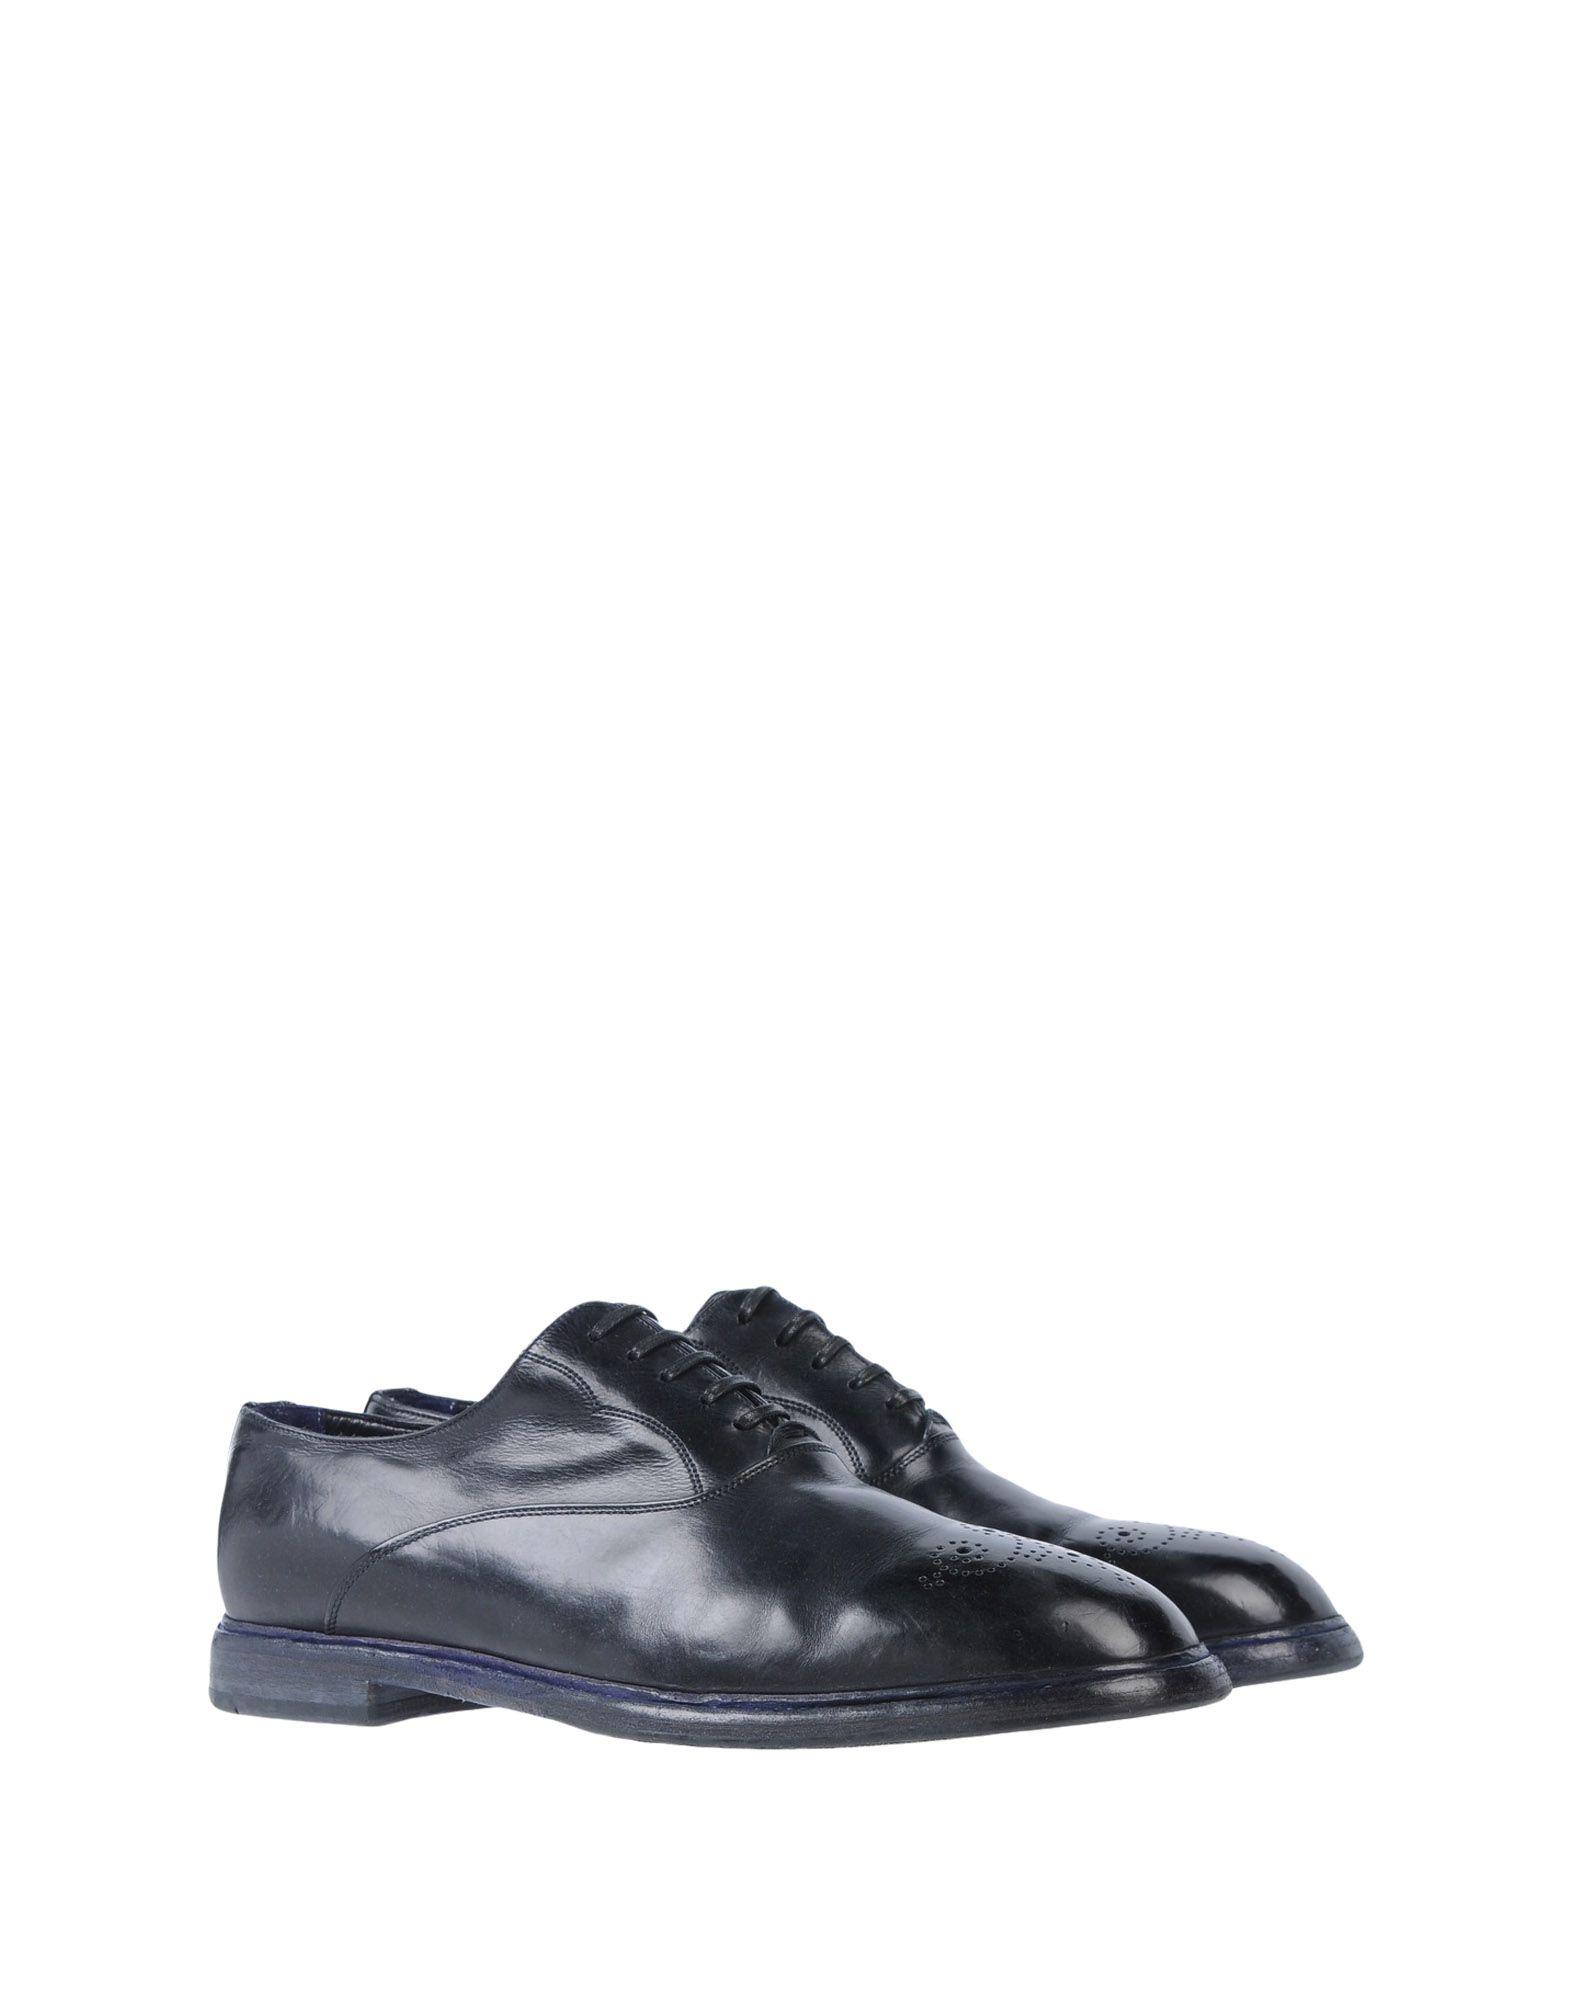 Dolce & Gabbana Schnürschuhe Herren  11356897GB 11356897GB  Neue Schuhe f7c30c